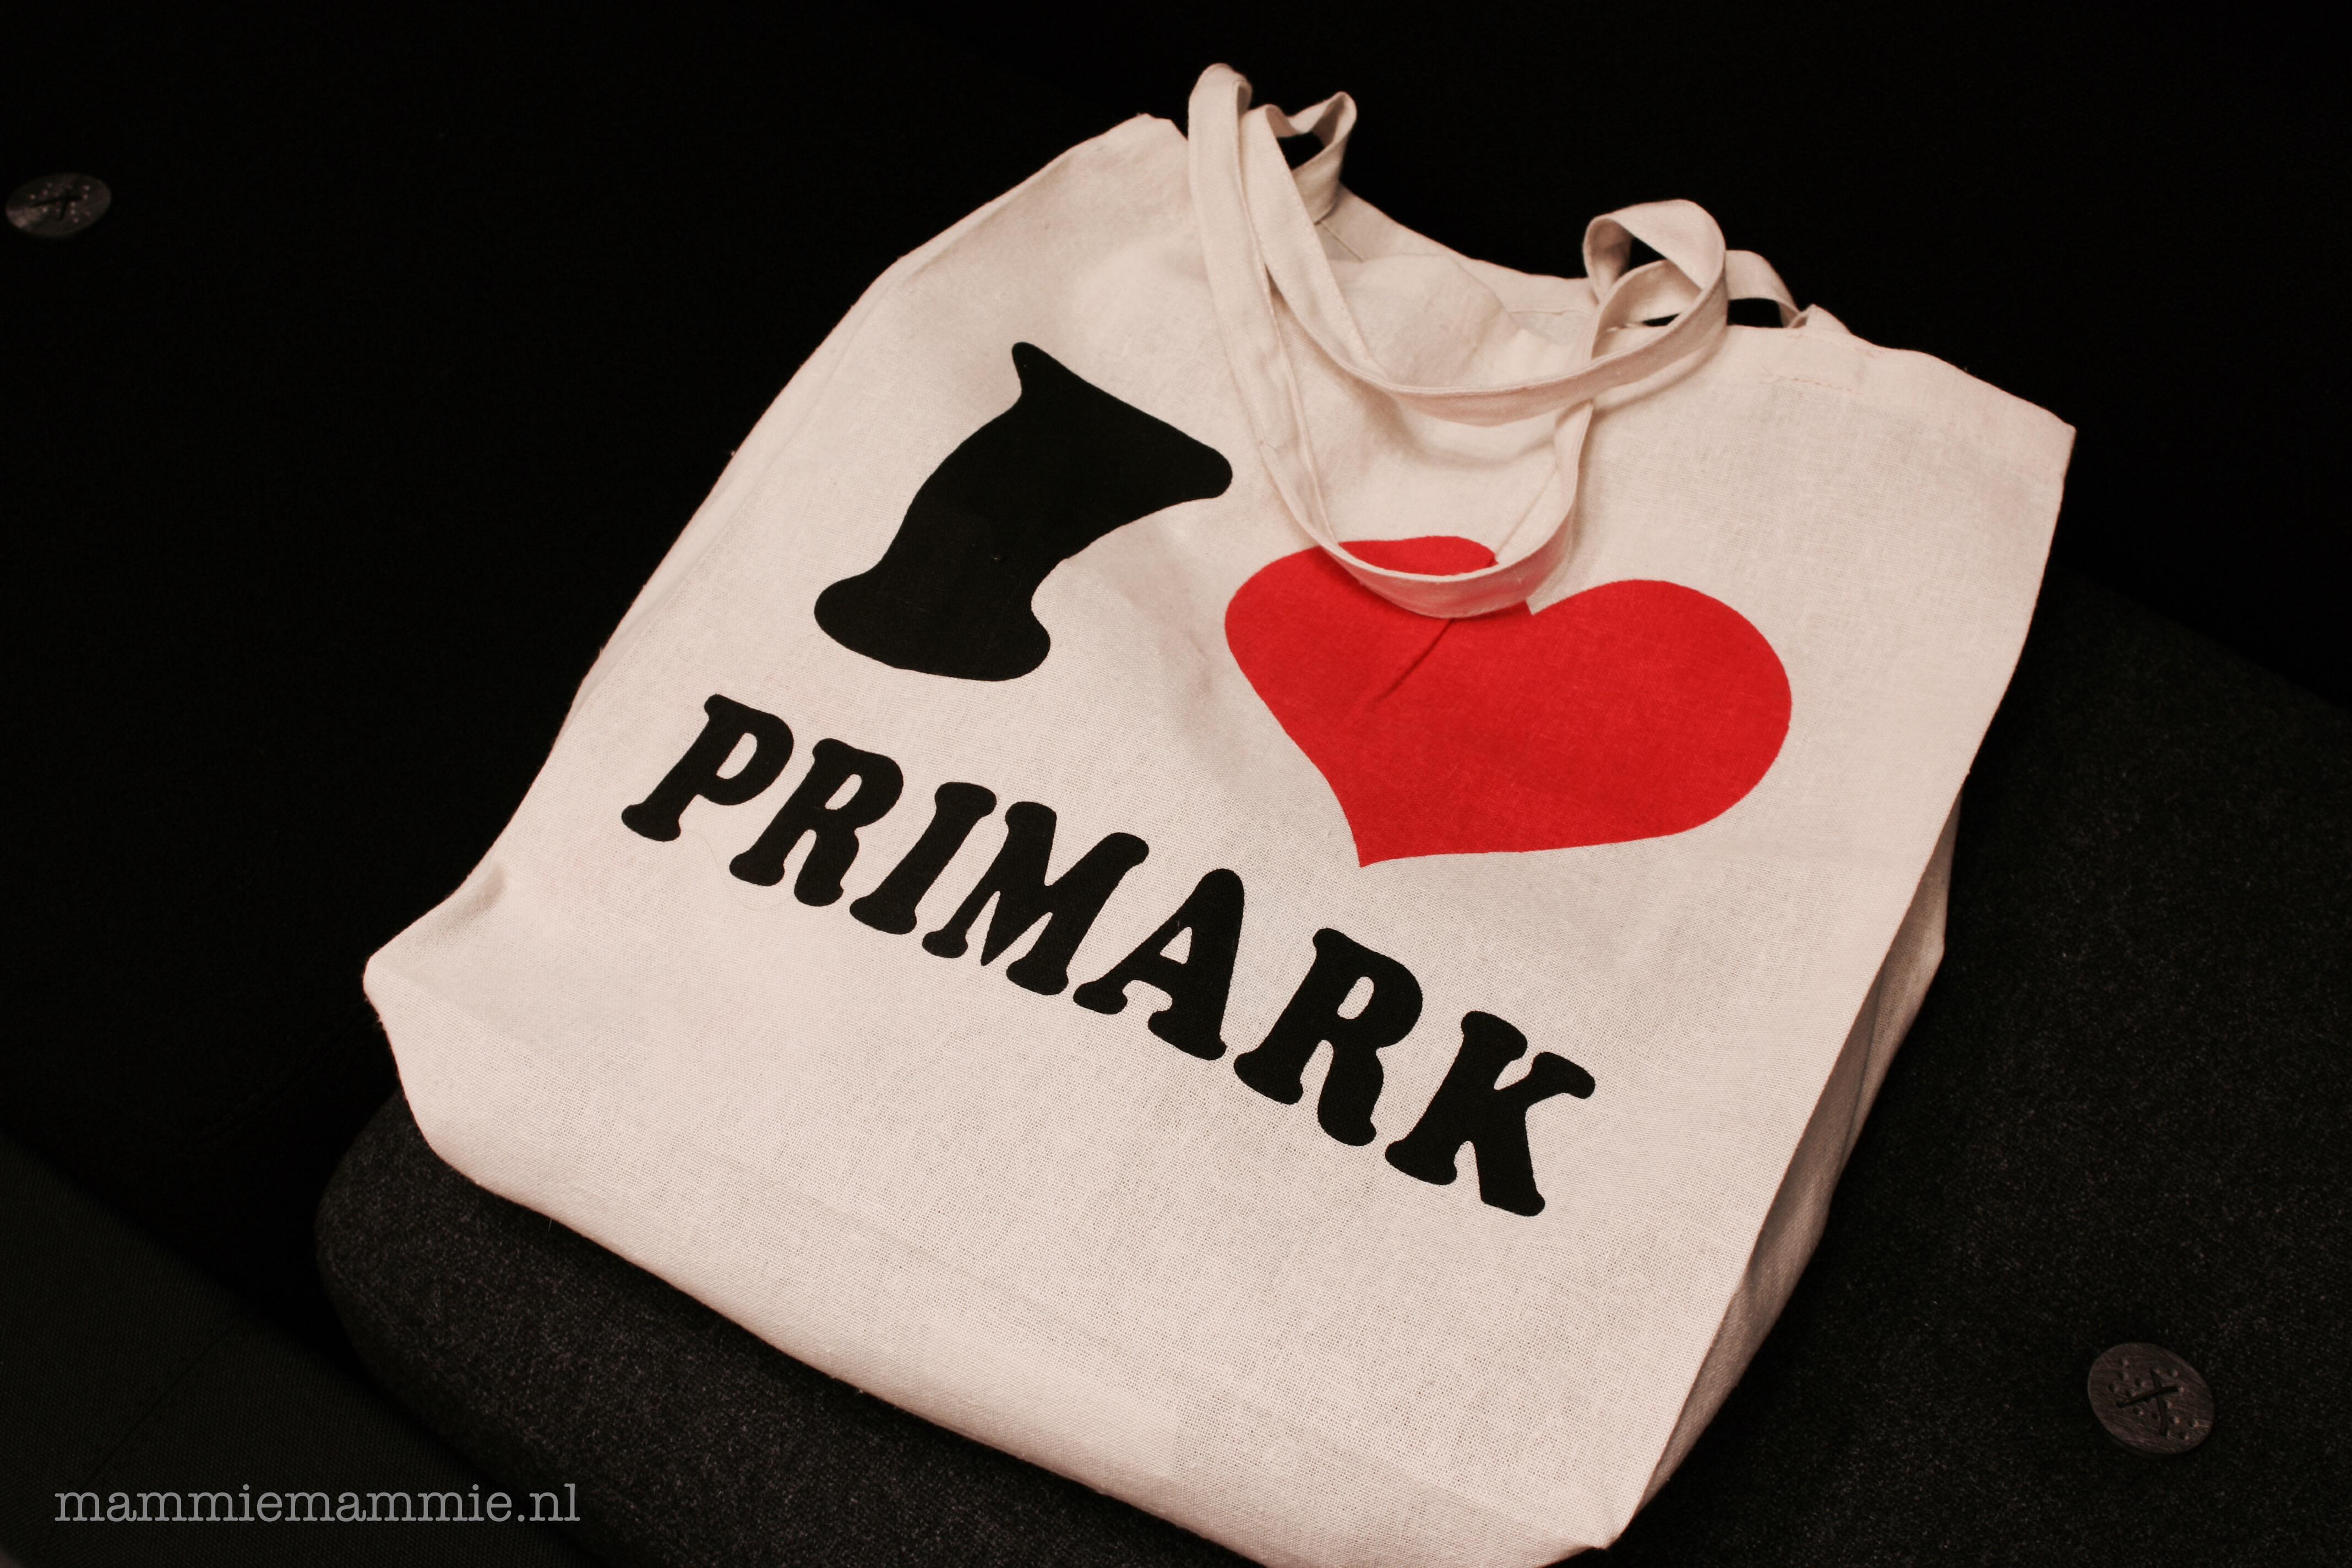 I love Primark